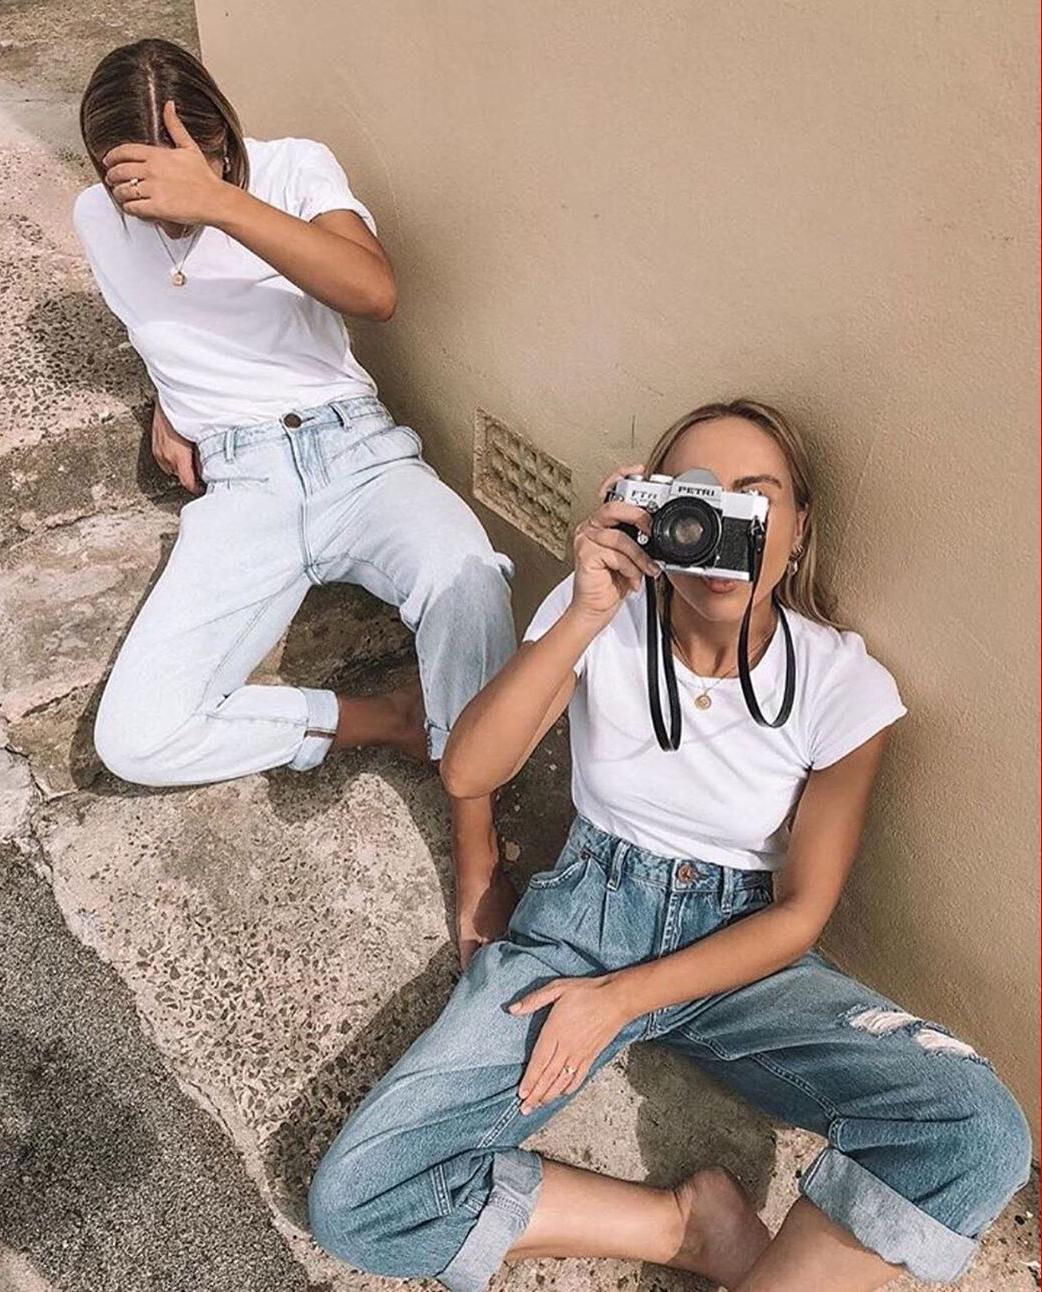 Dwie dziewczyny jeansy oneteaspoon aparat